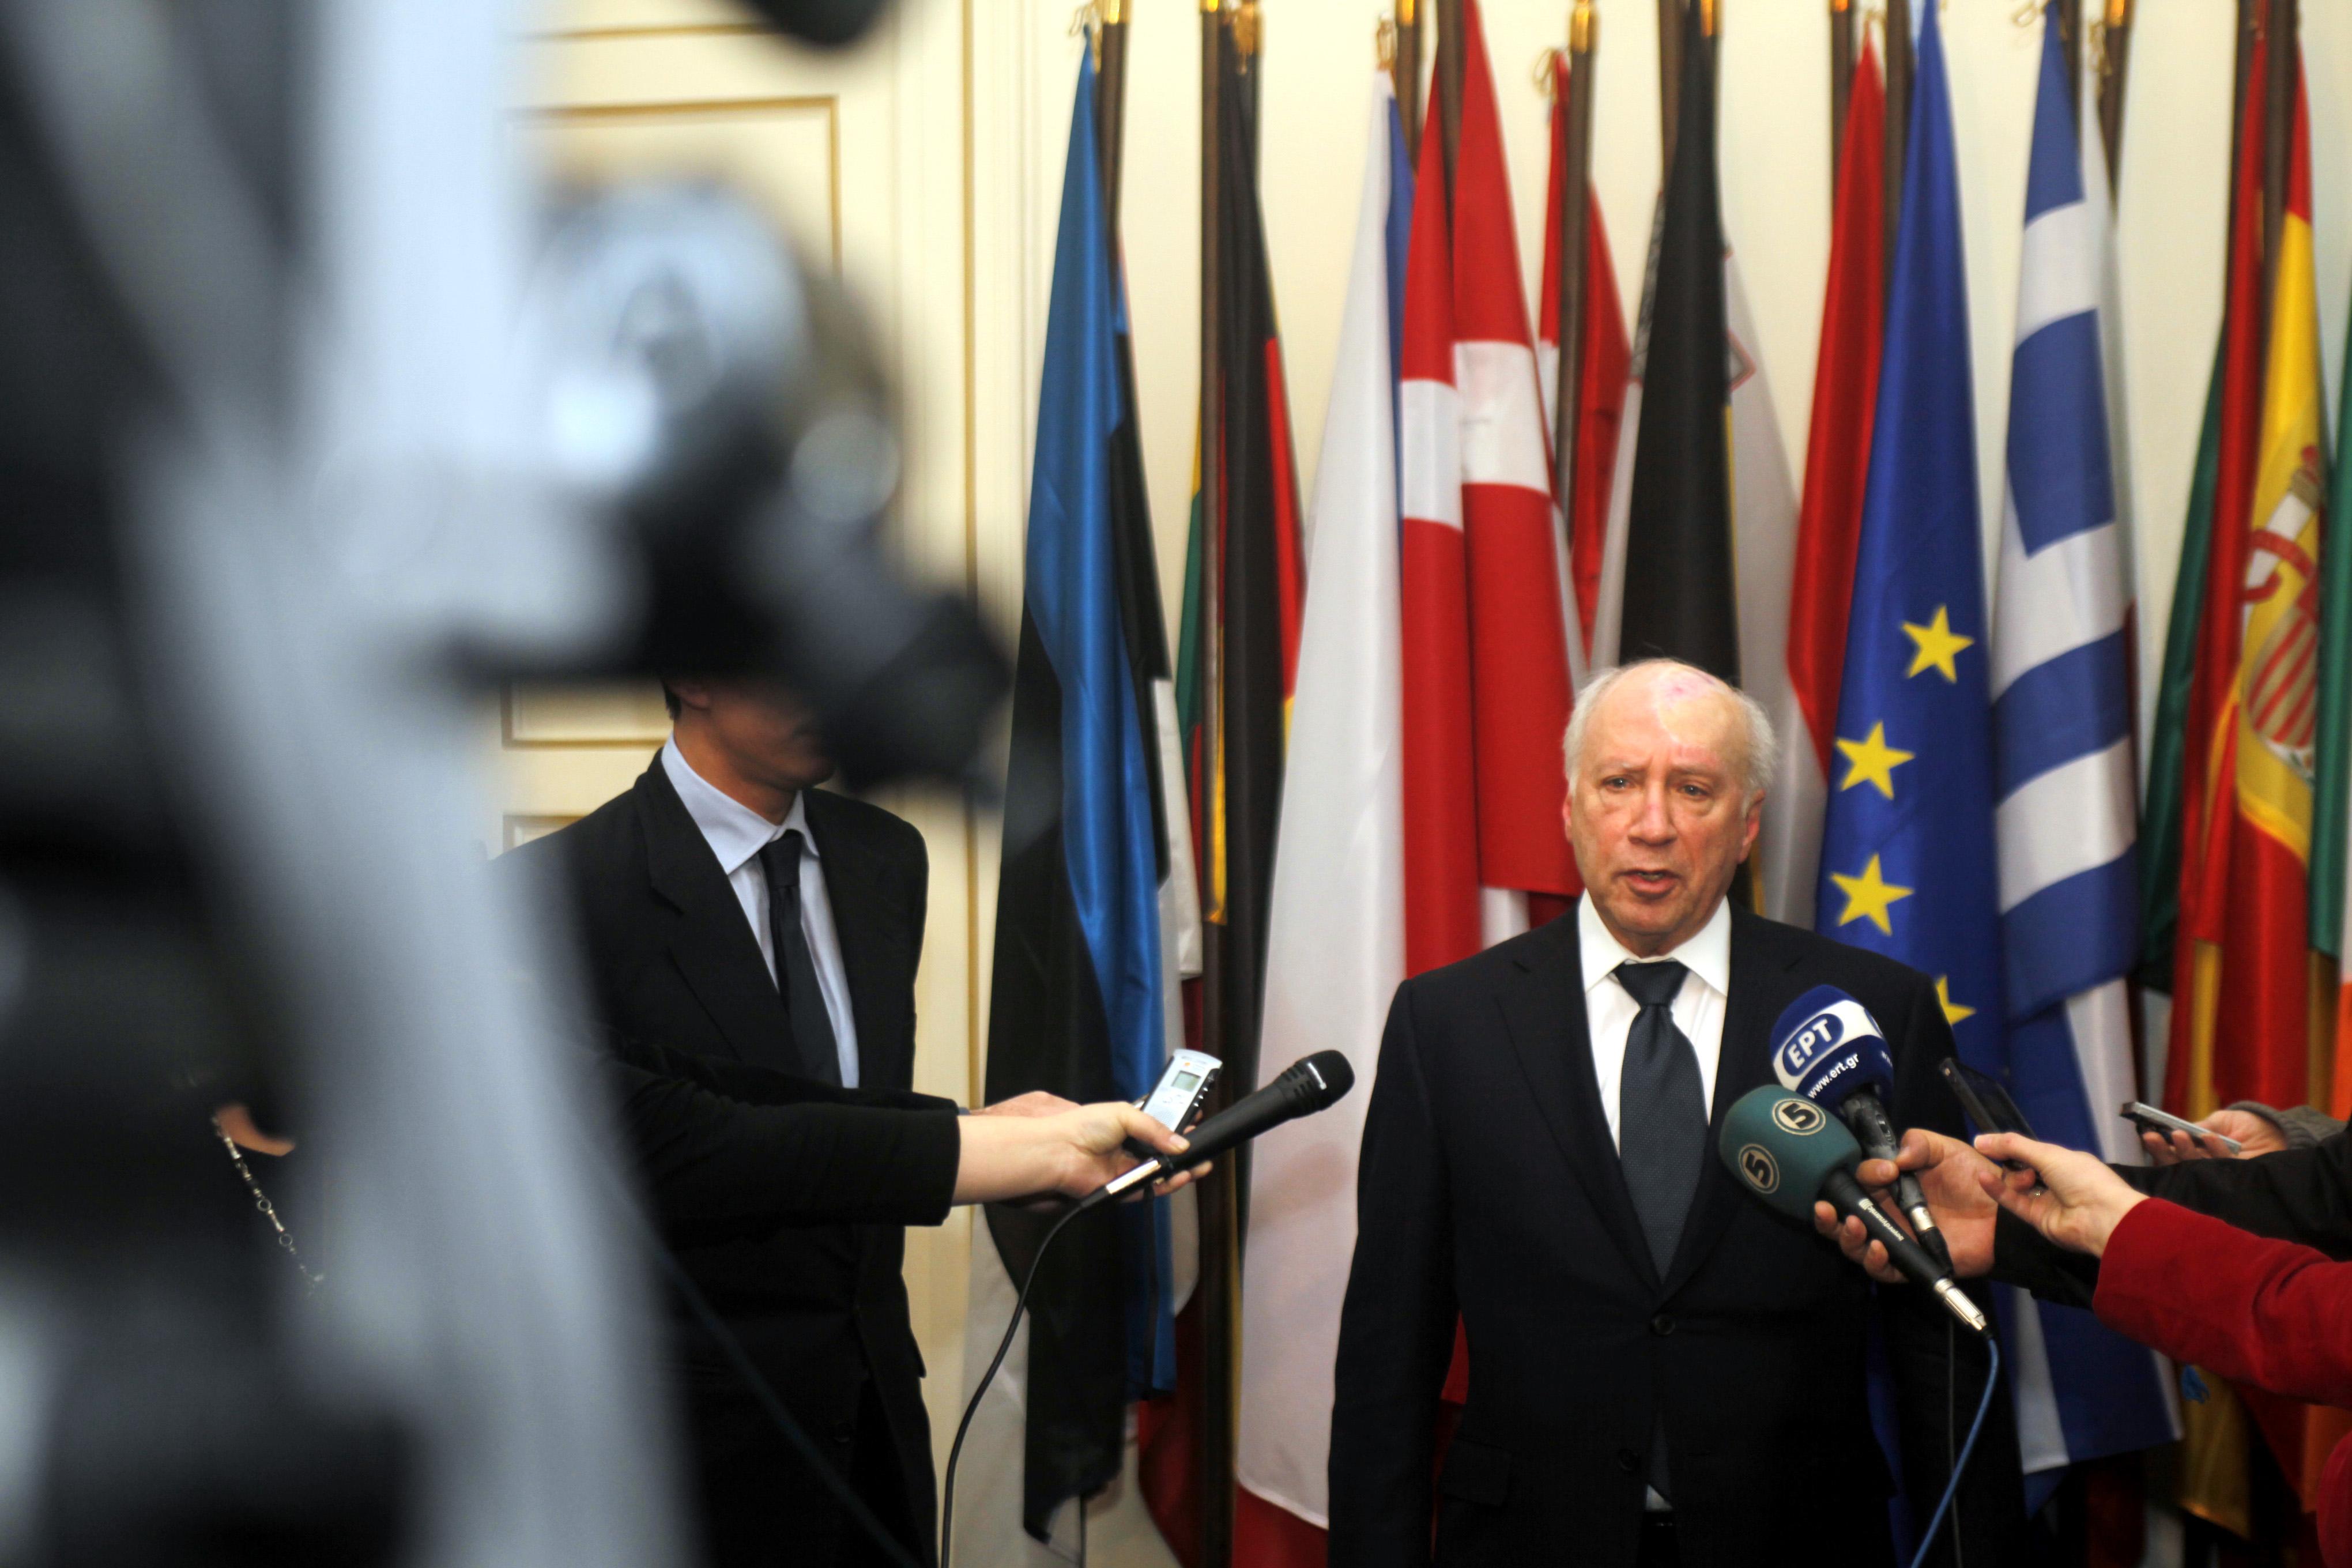 Για τον υπομονετικό διπλωμάτη Nίμιτς, η συγκυρία είναι καλύτερη από ποτέ άλλοτε, αναφέρει το δημοσίευμα (Φωτογραφία: Eurokinissi)